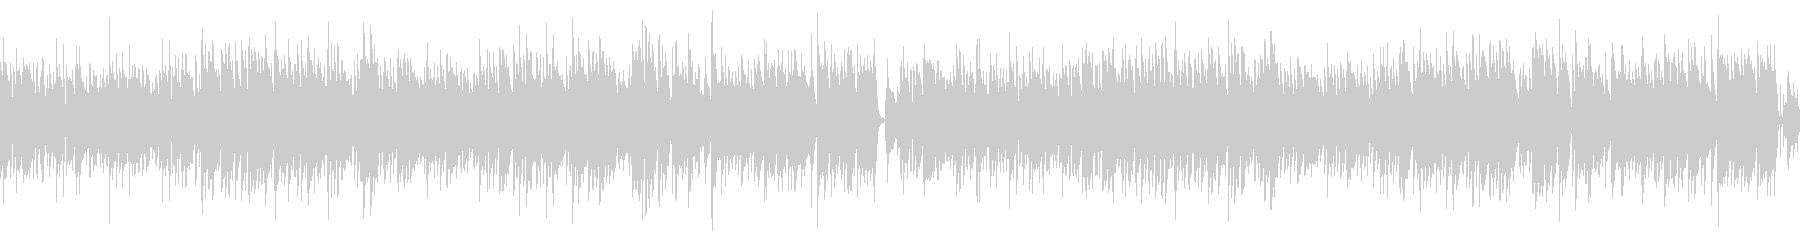 ドラムなし/ループ/ギター生演奏ボサノバの未再生の波形